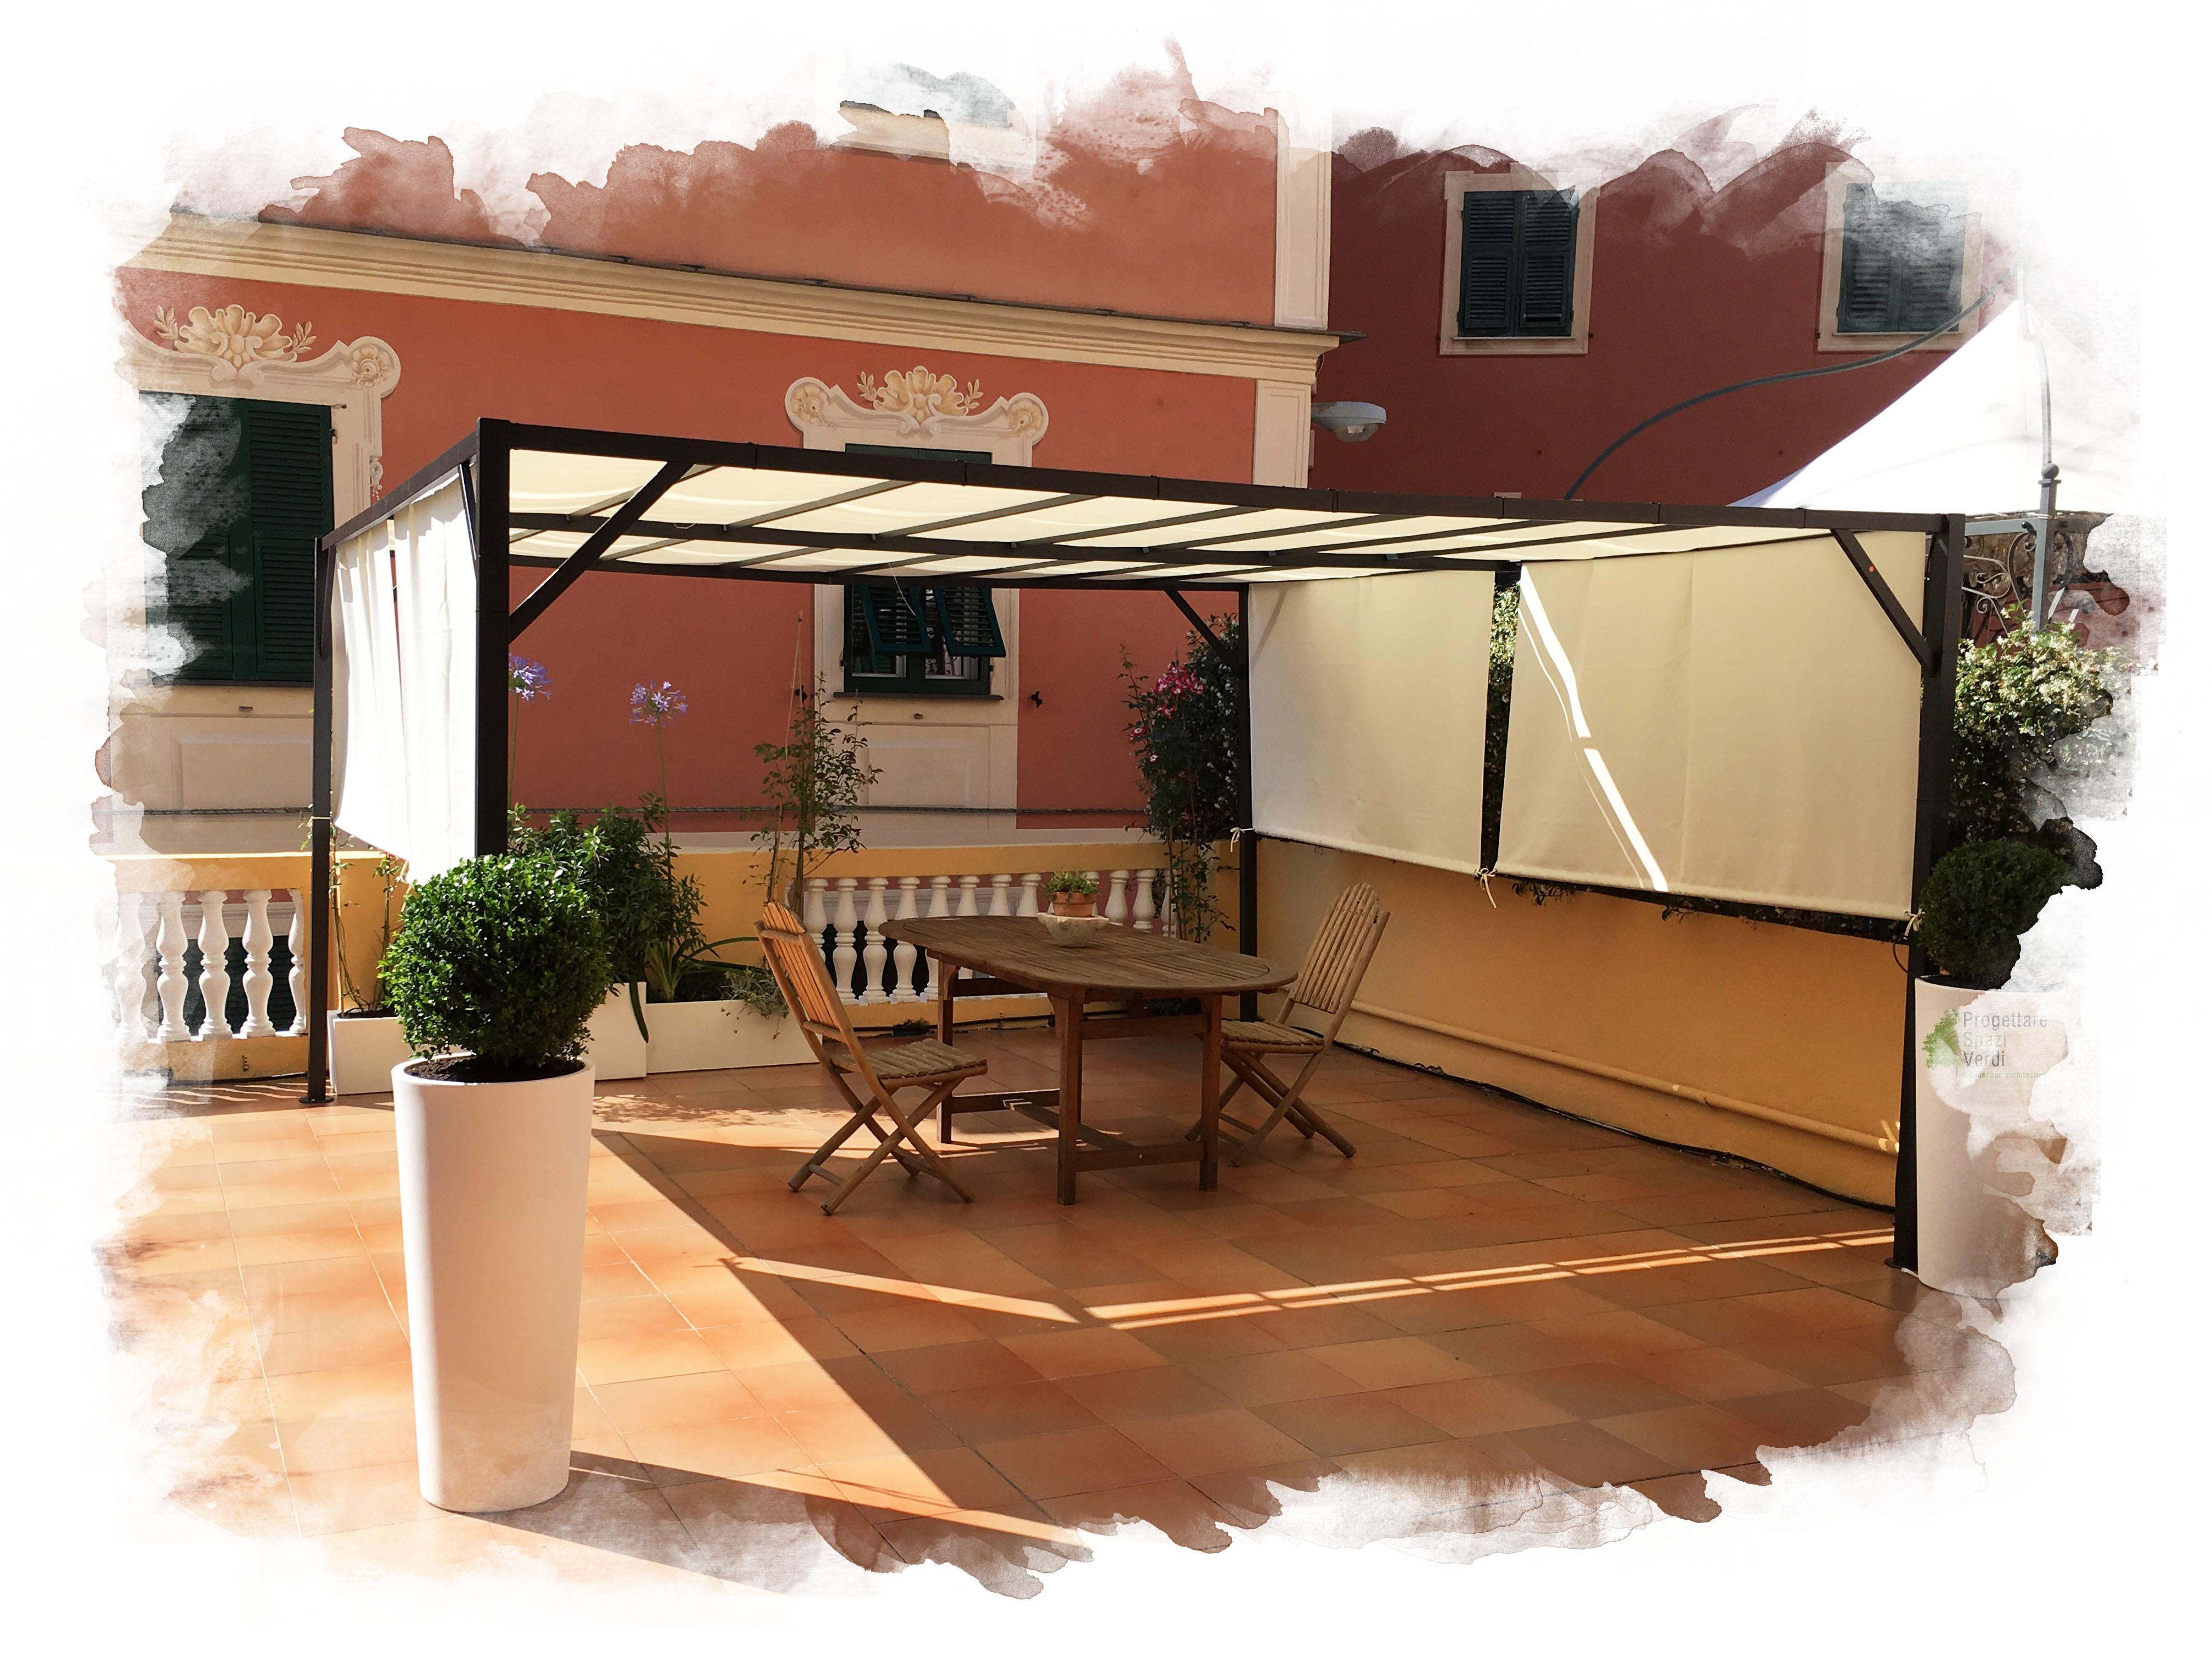 realizzazione giardino architetto paesaggista Andrea Telefono Andrea Jentile (4)